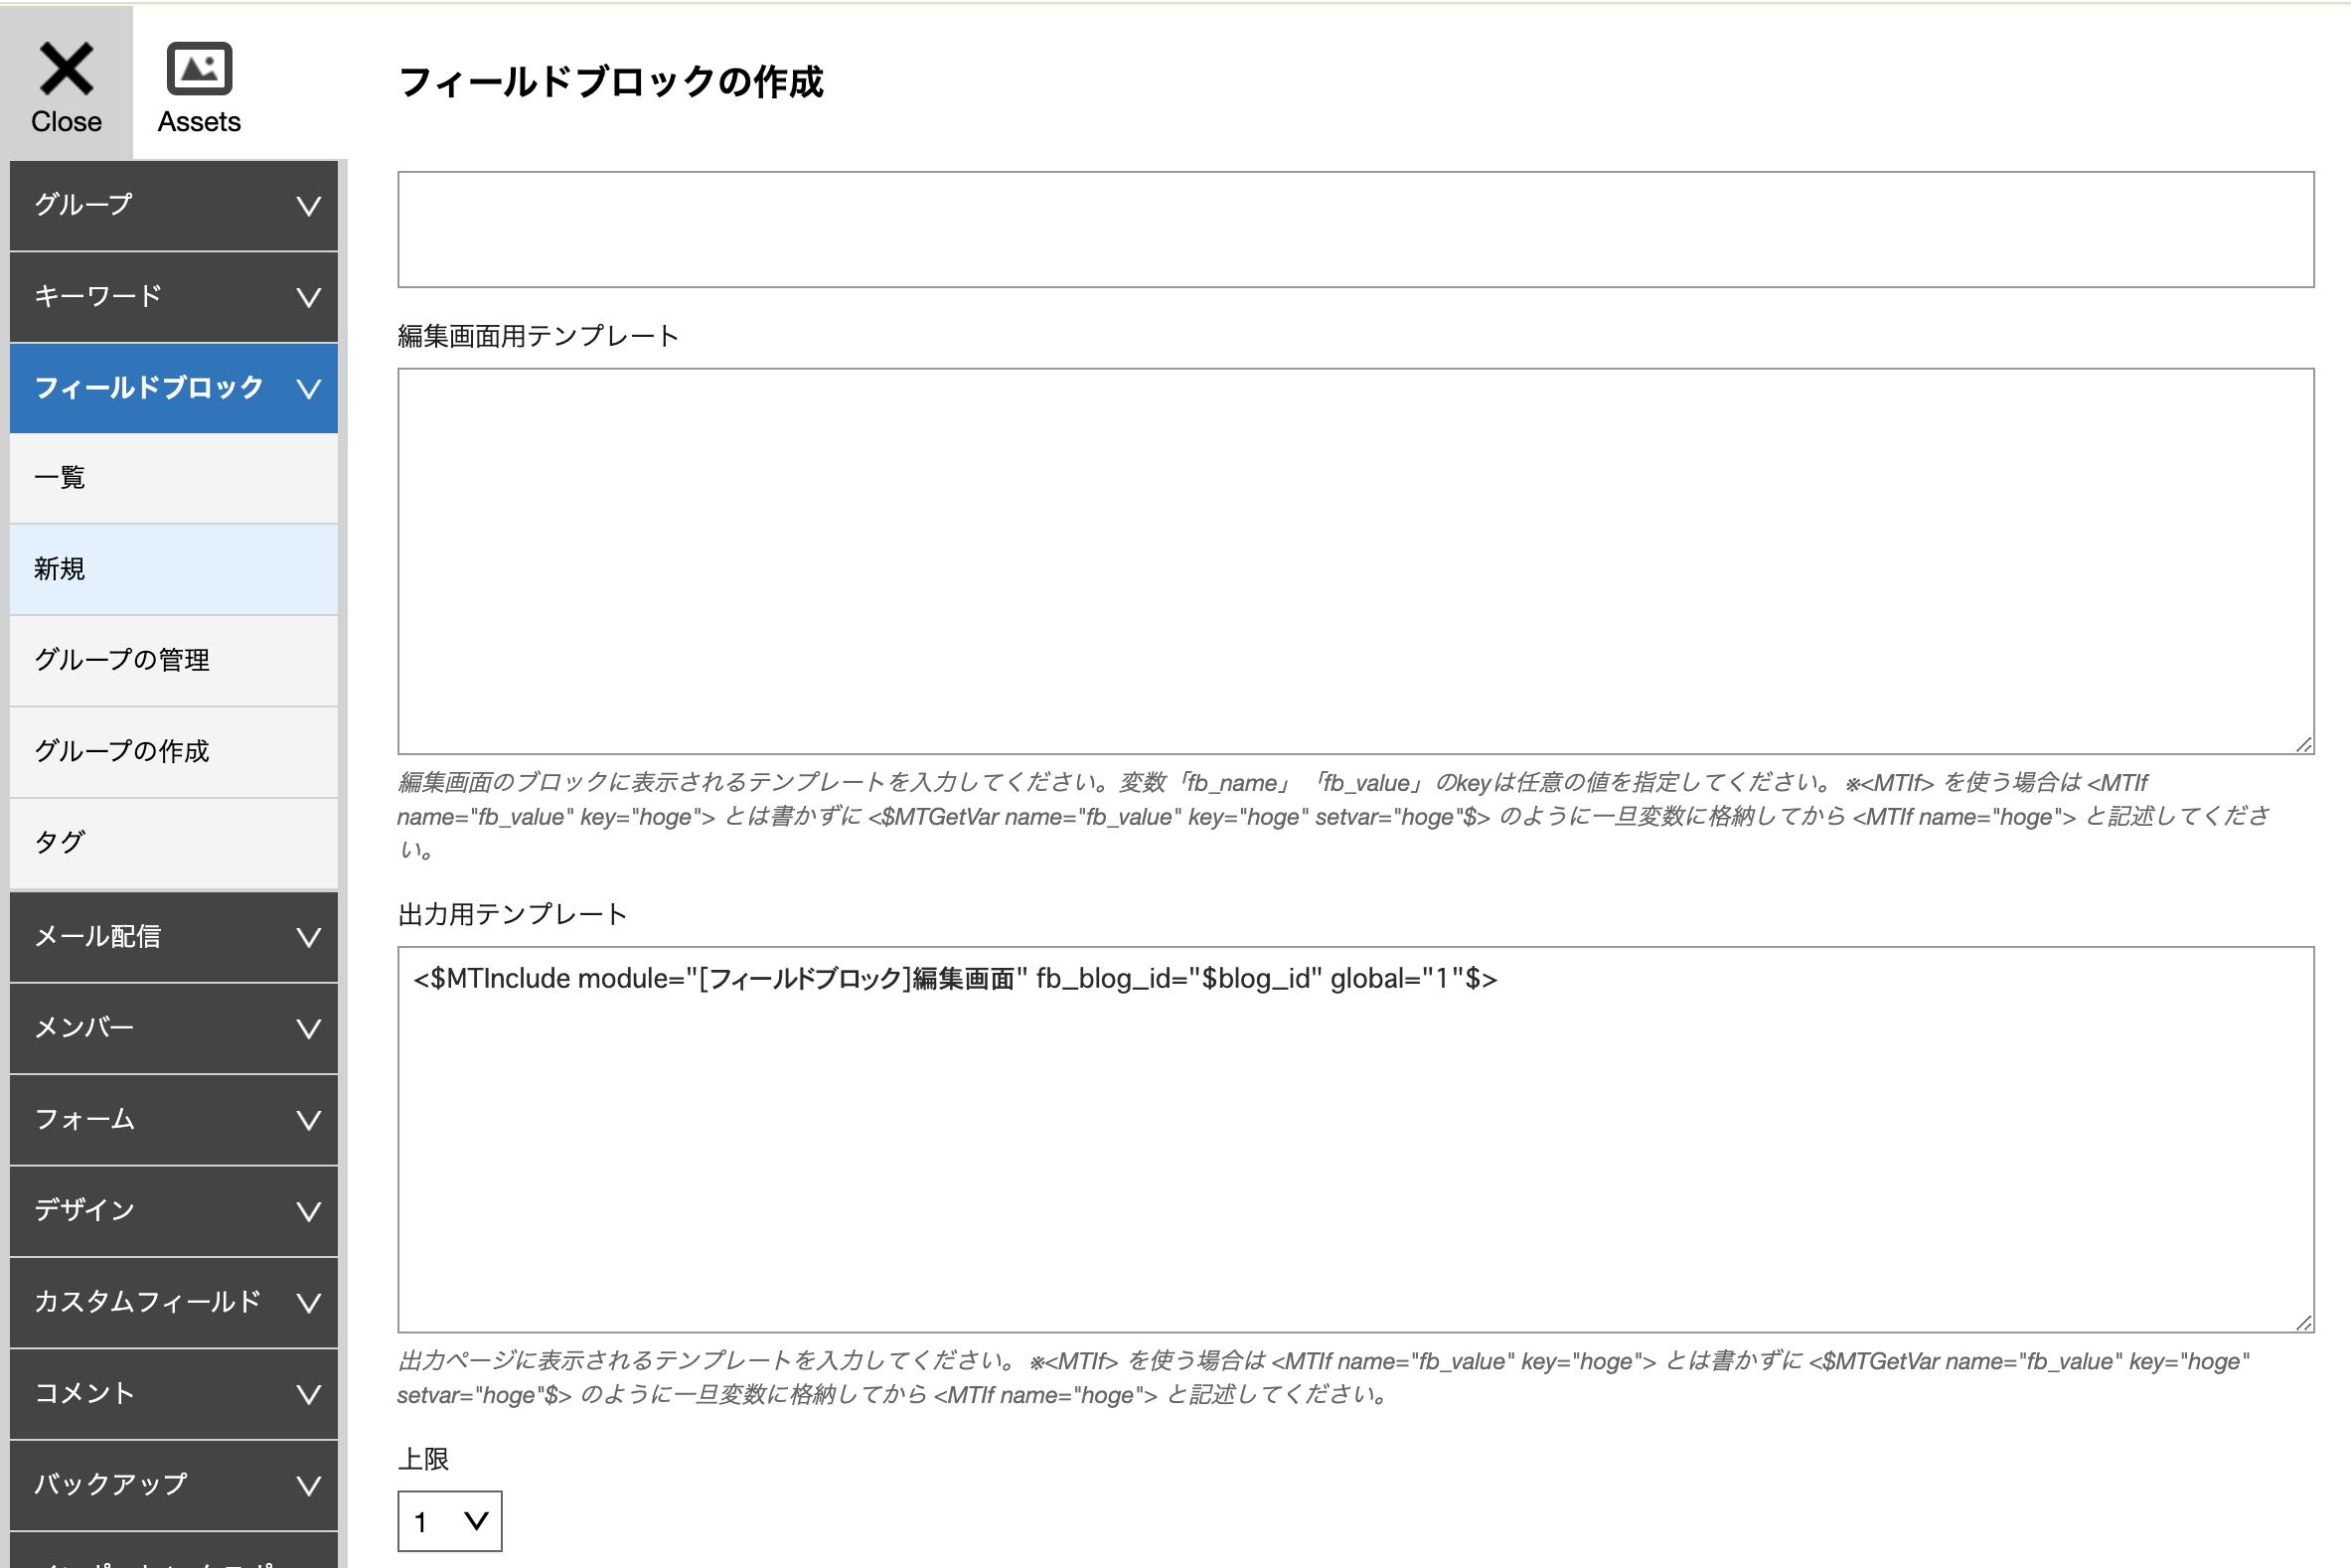 スクリーンショット 2020-06-23 13.09.45.jpeg